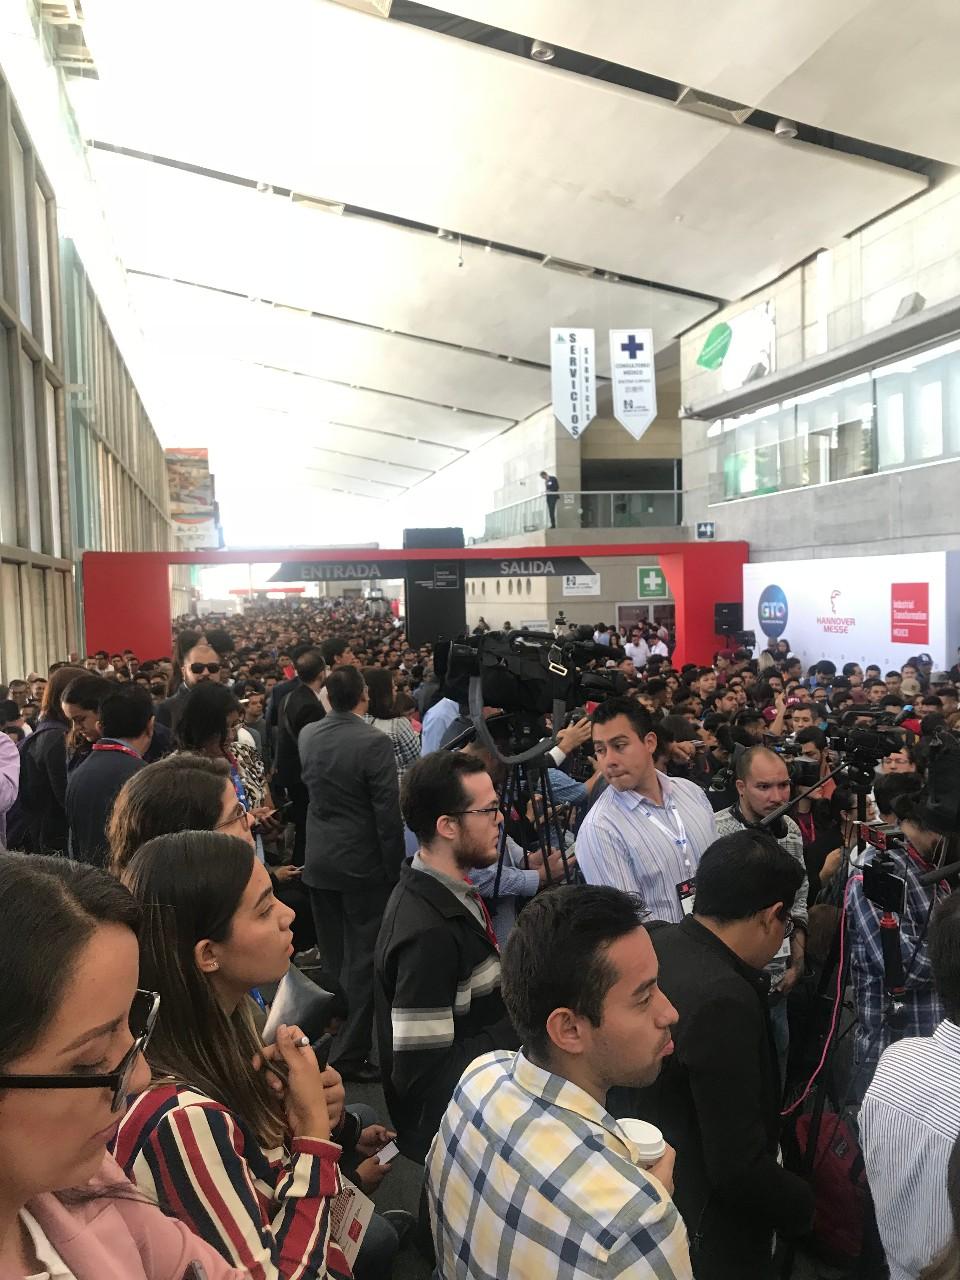 墨西哥工業展盛大展出,效果超出預期